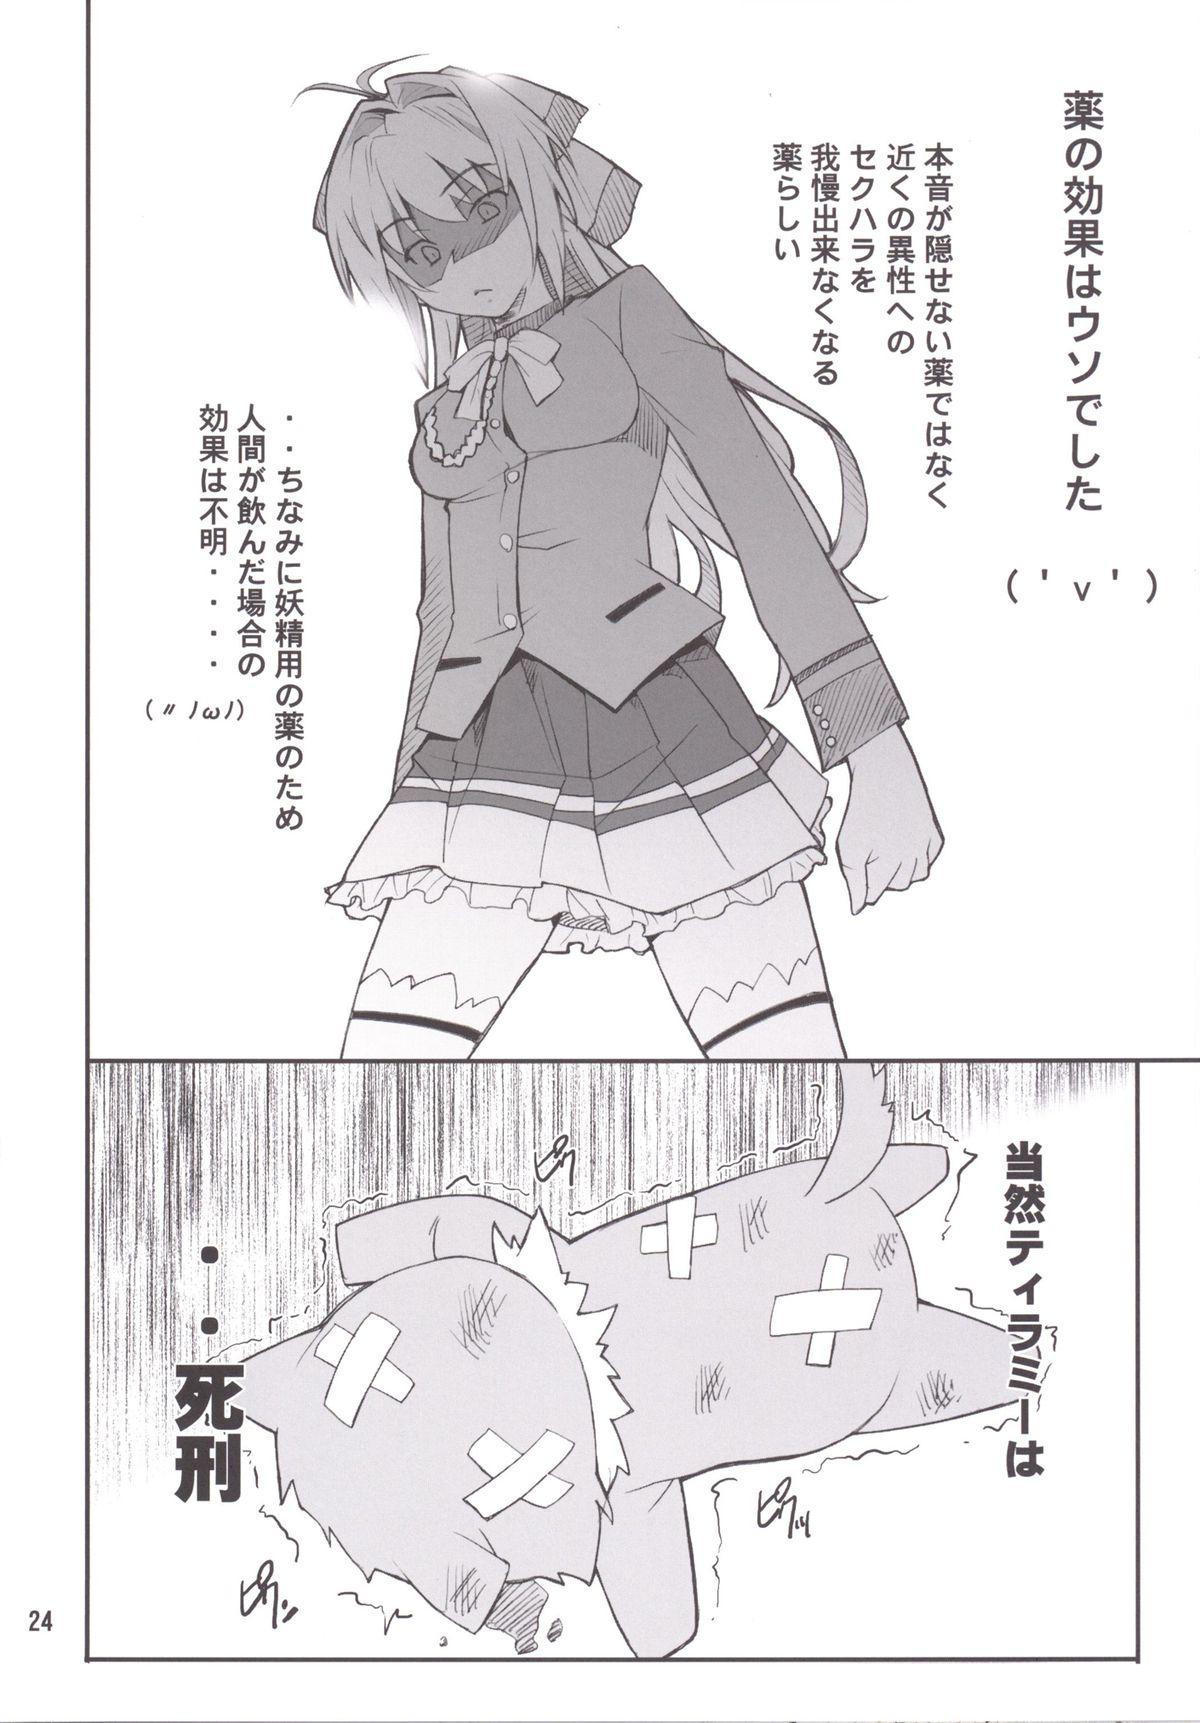 Tirami no Kusuri 22